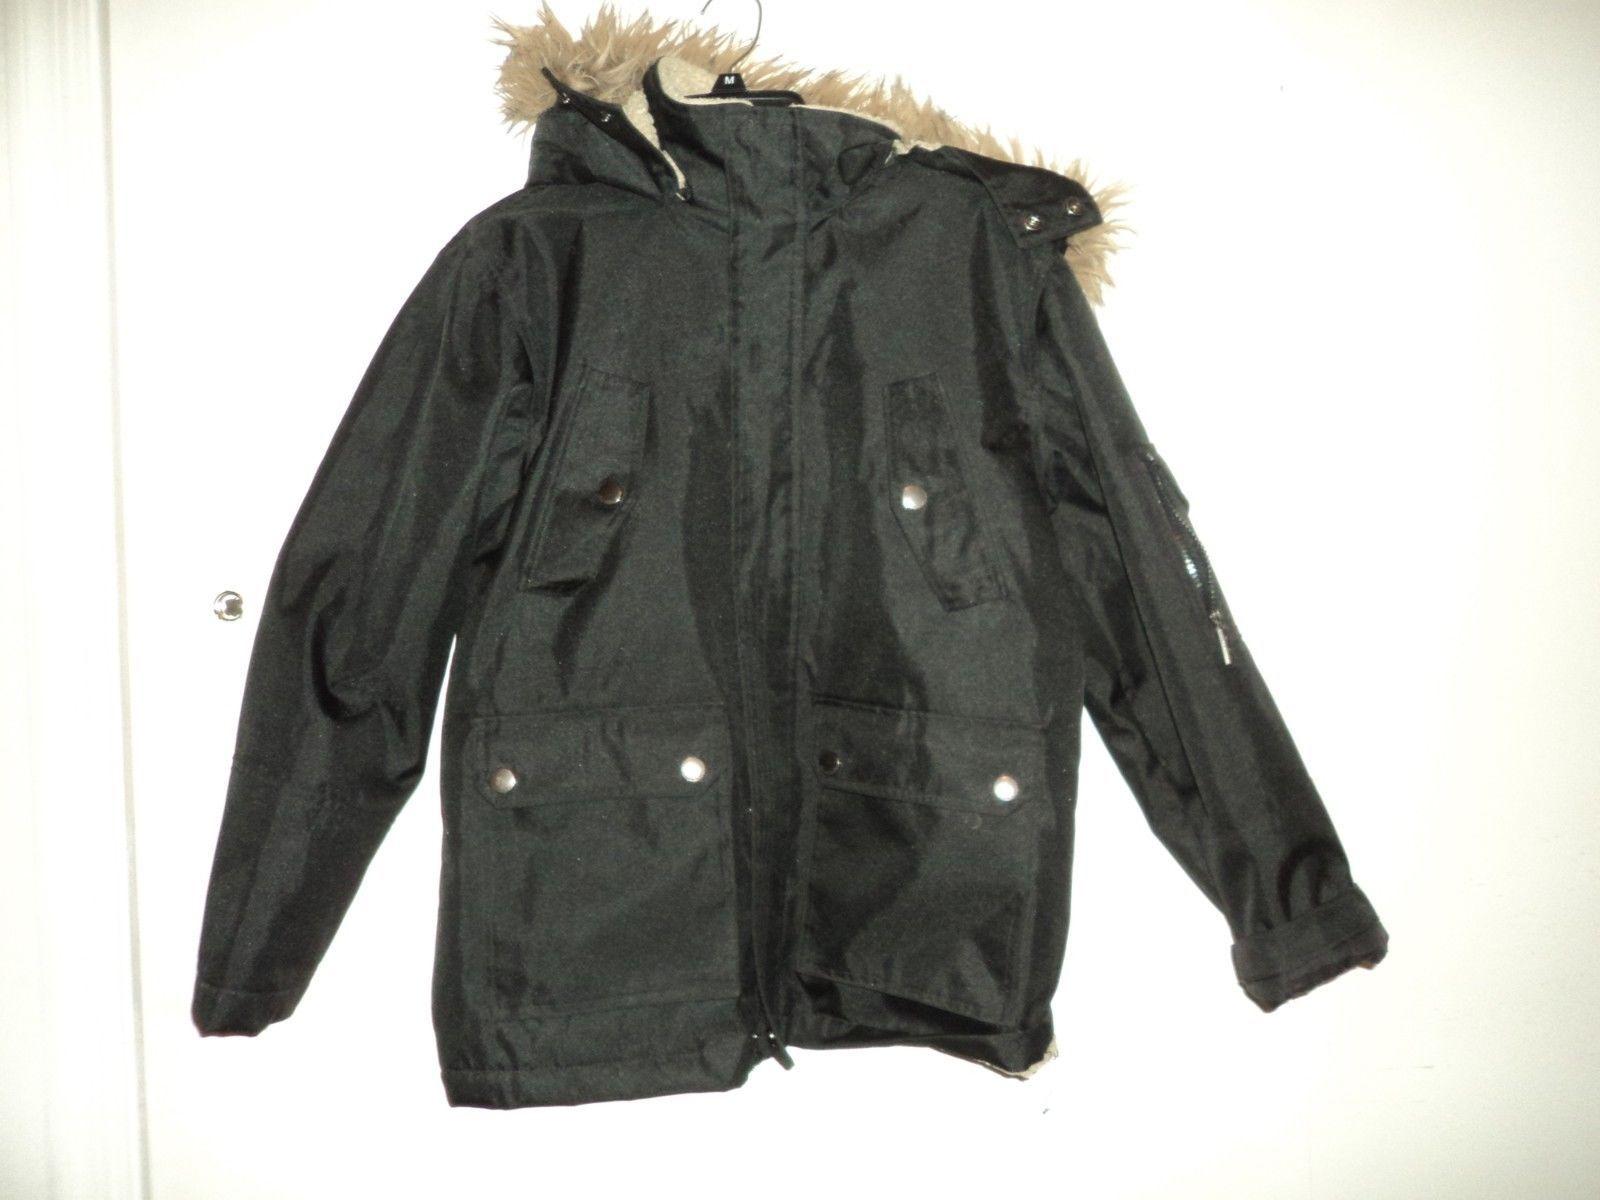 English Laundry Mens Large 14 16 Black Jacket Revival Clothing